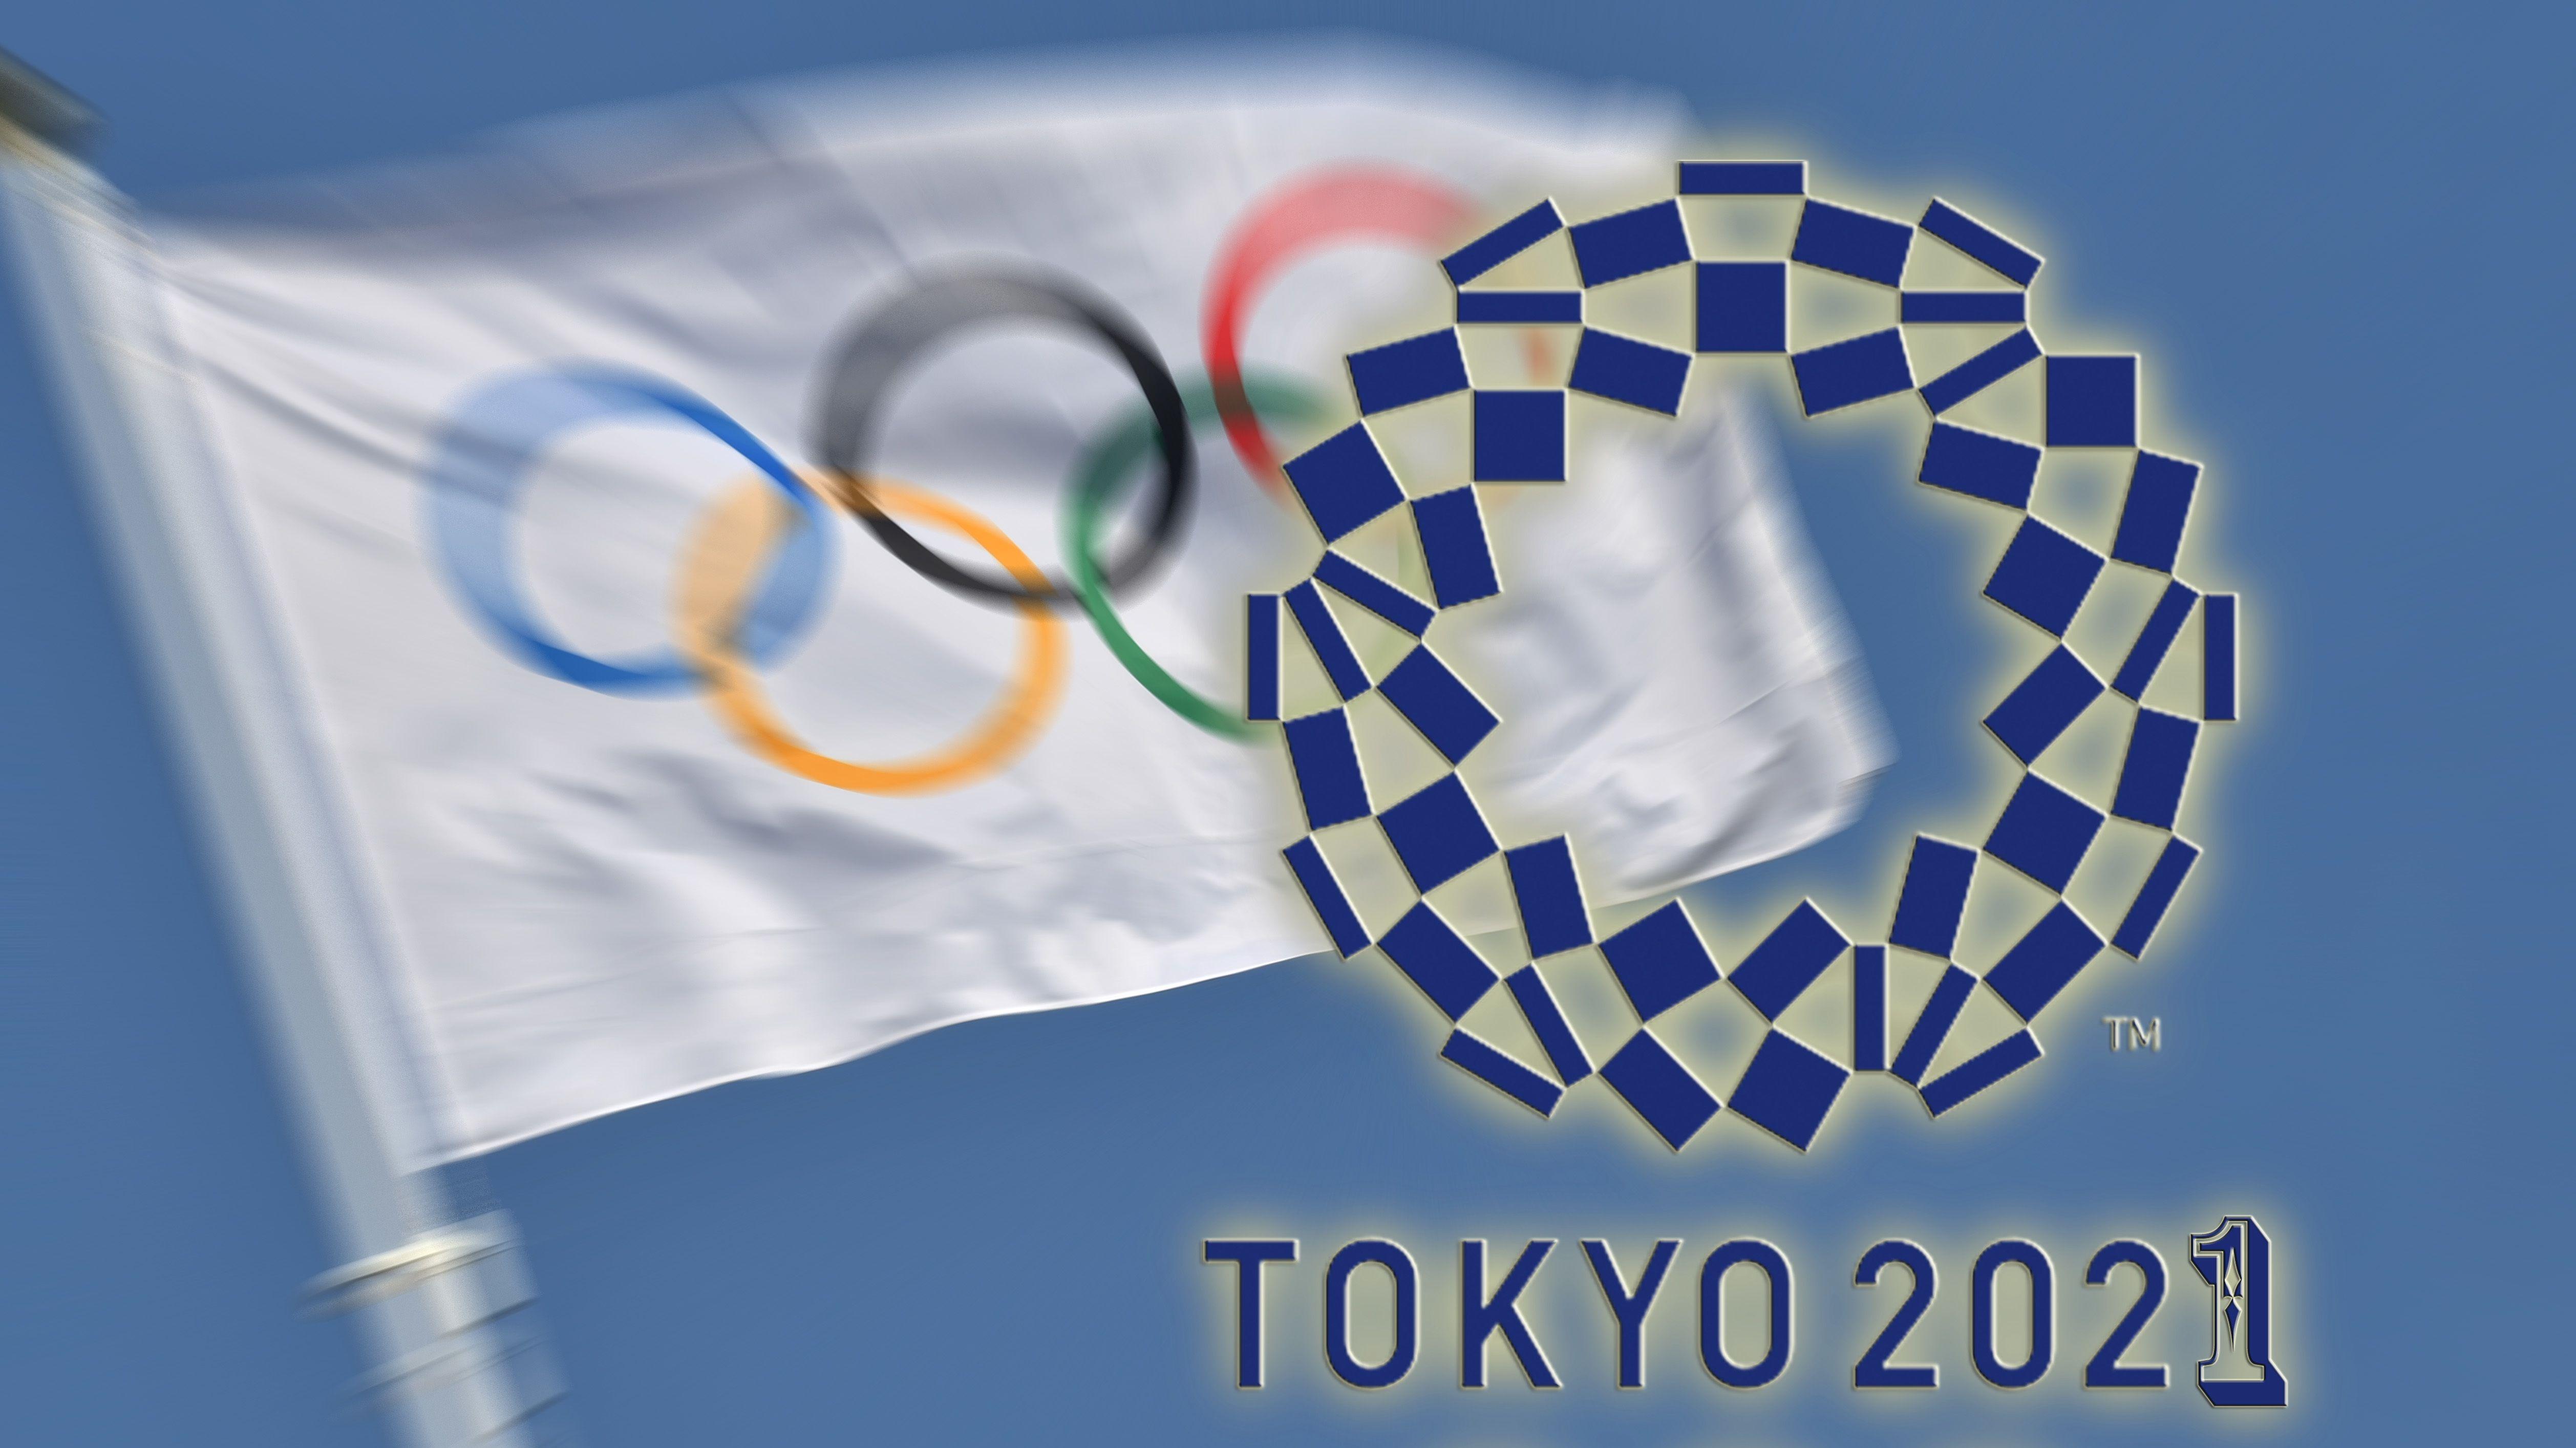 Olympische Spiele in Tokio - verschoben auf 2021